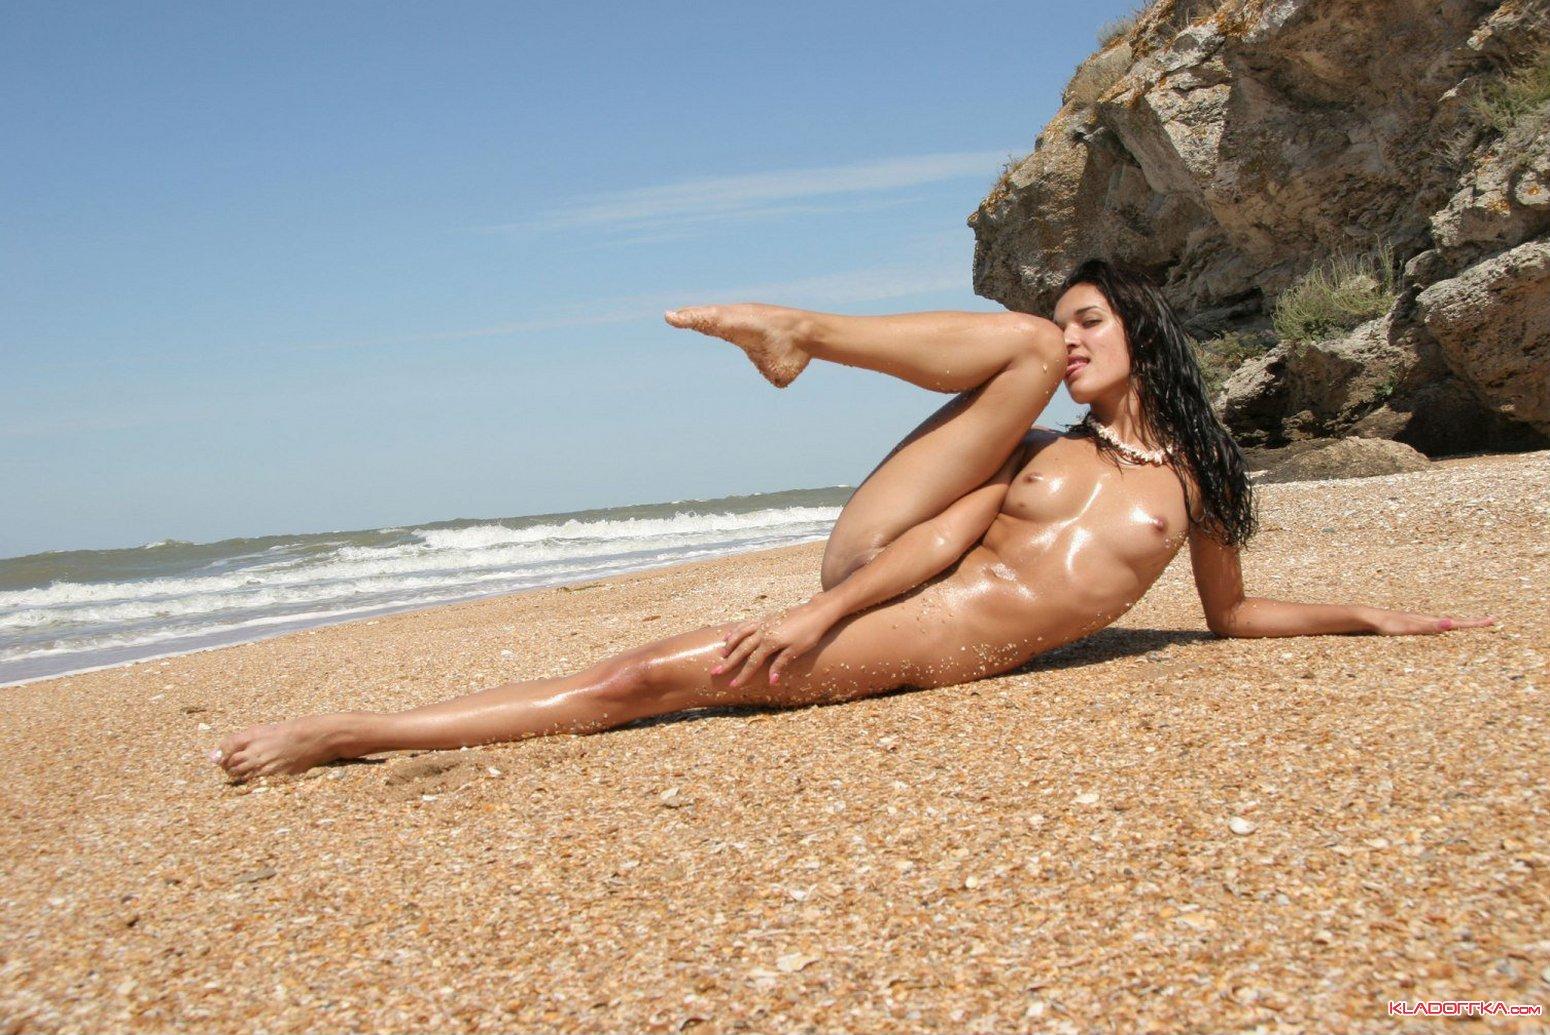 Пляж дикий телки — pic 11